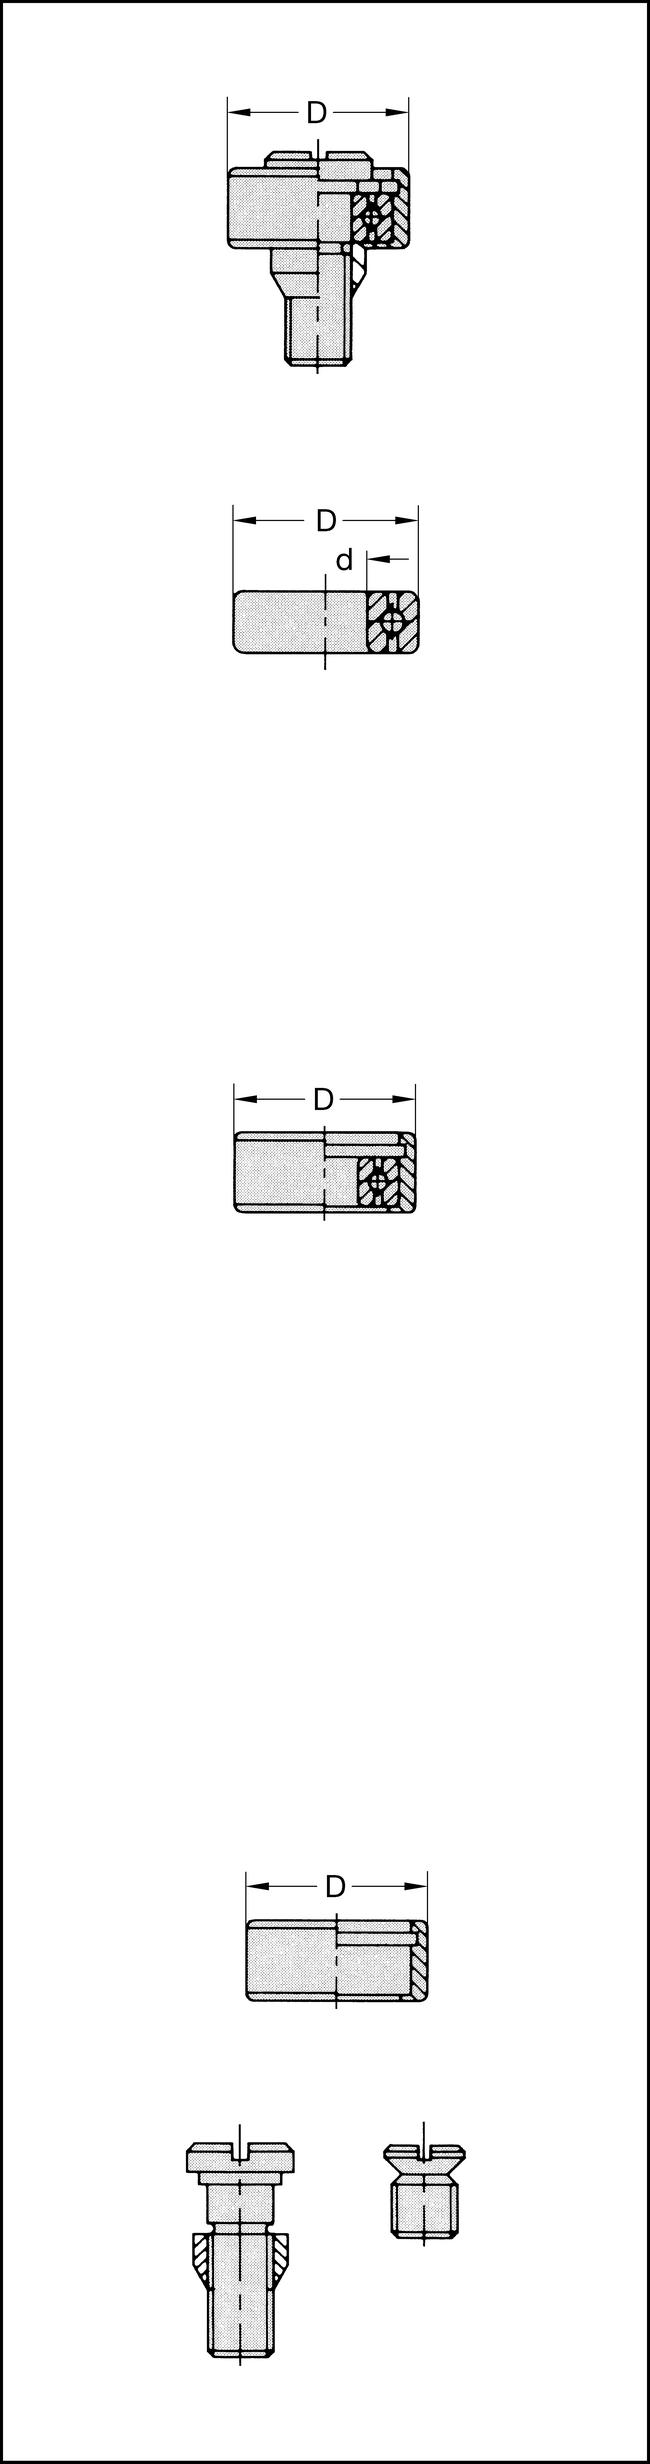 Kugellager 28mm d=9,5mm